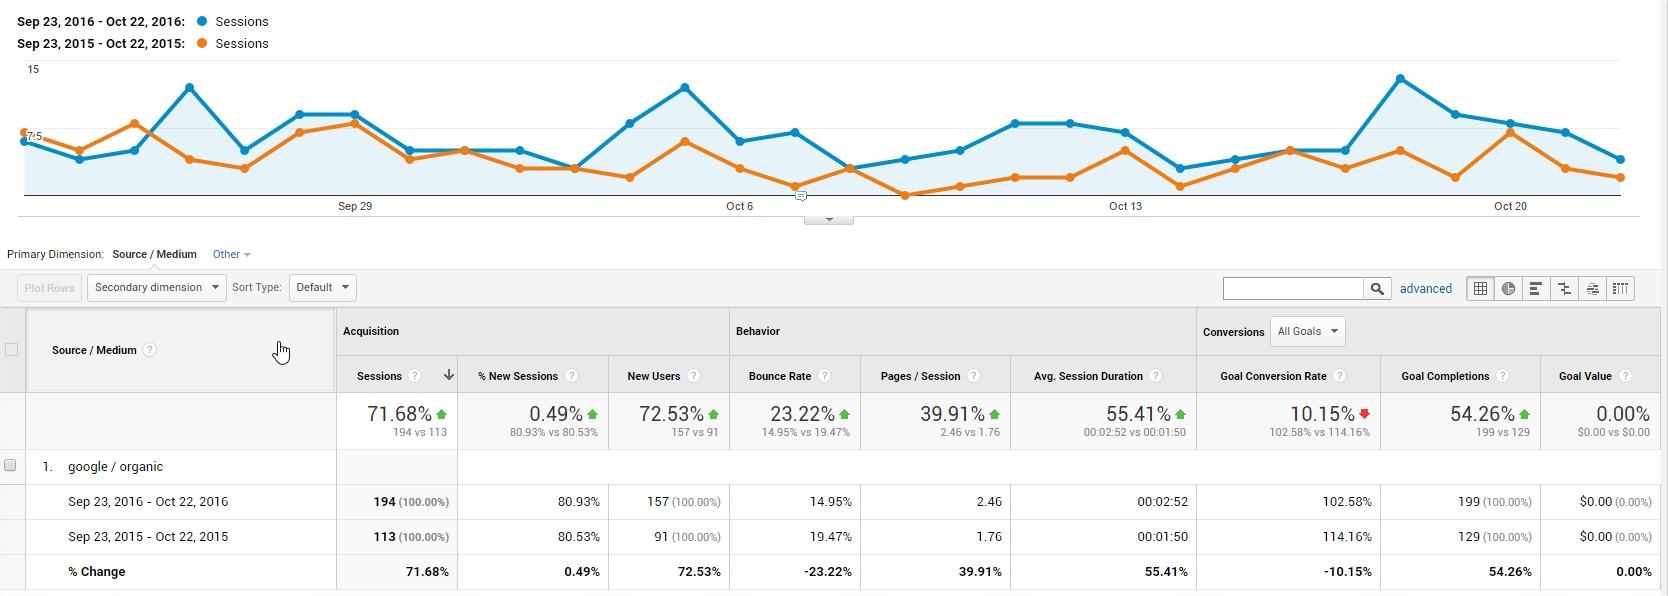 Google Analytics year over year data 30 days